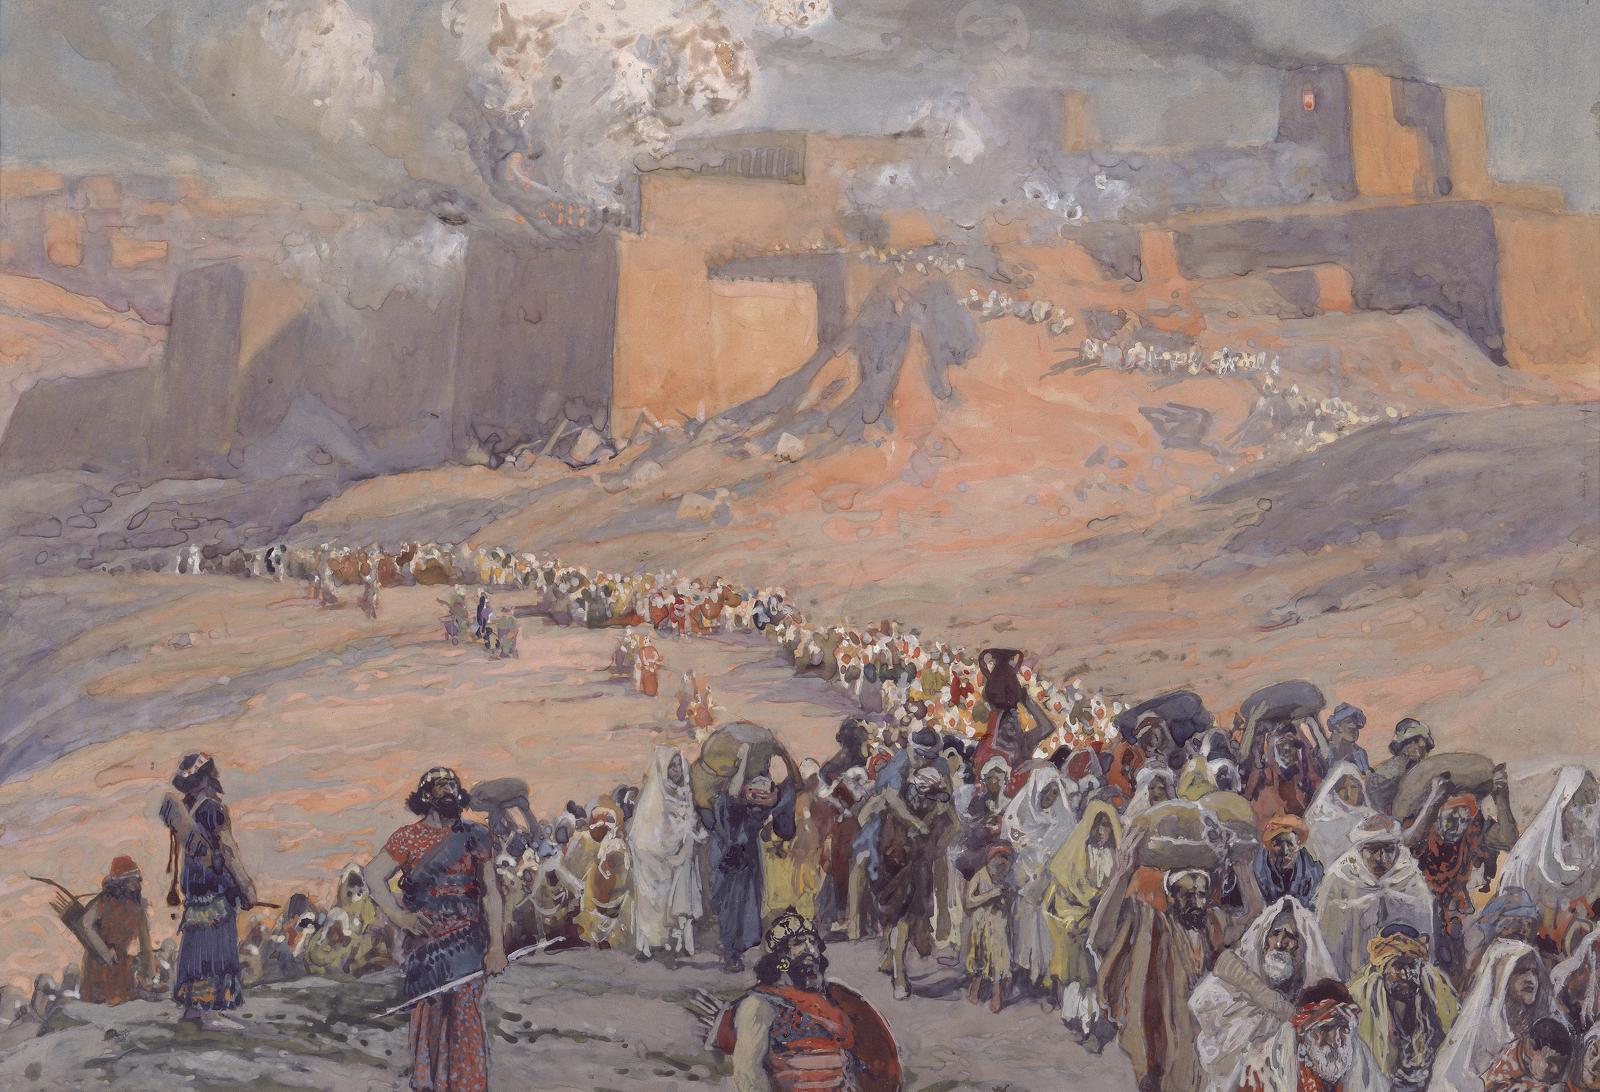 Deportació dels hebreus del regne de Judà a Babilònia després de la destrucció del Temple de Salomó